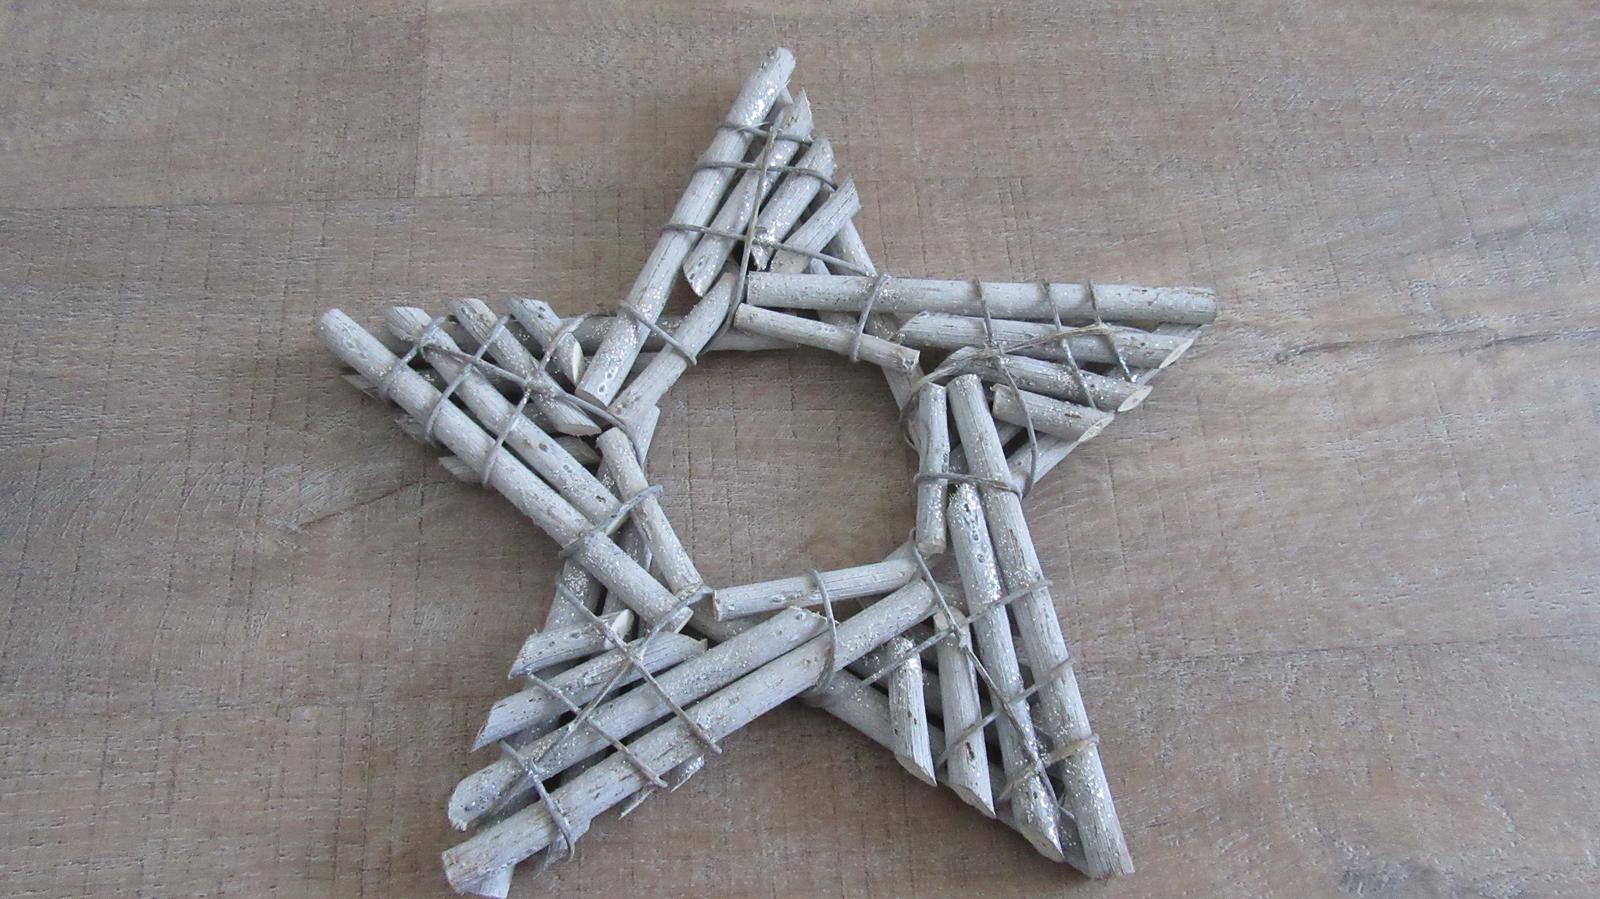 vianočná dekorácia - hviezda z dreva - Obrázok č. 1